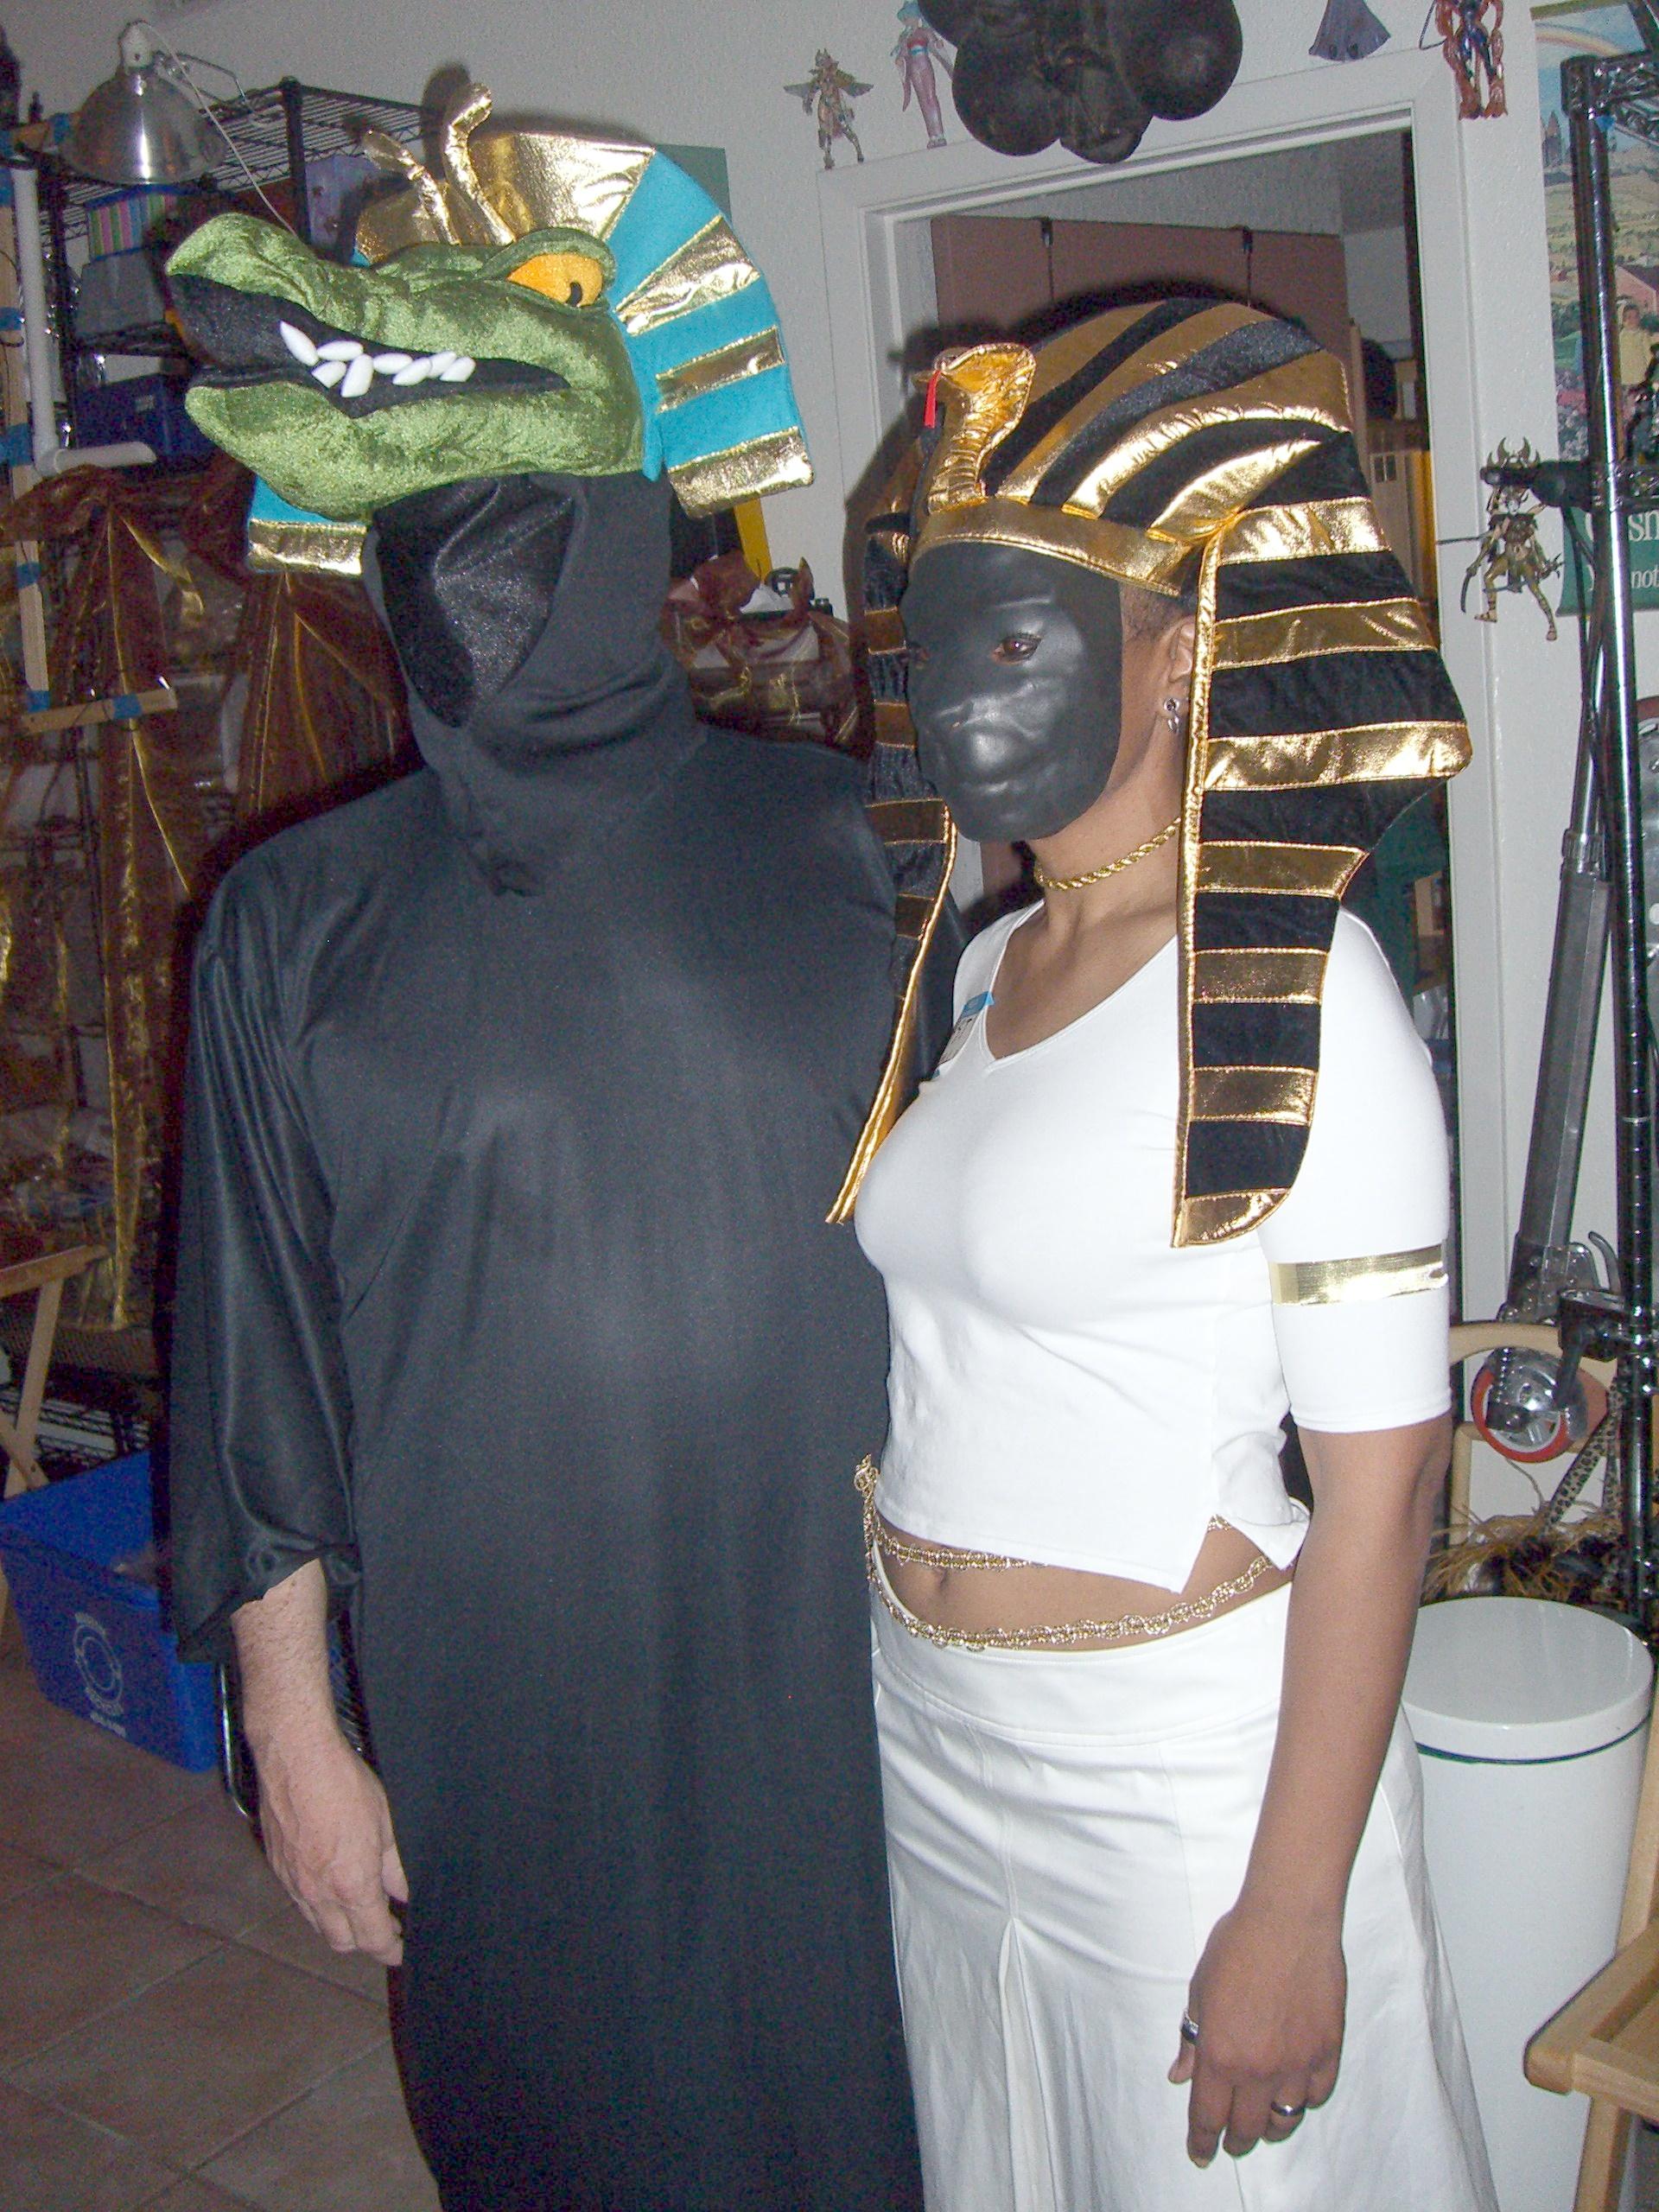 Egyptian gods Sobek and Bast